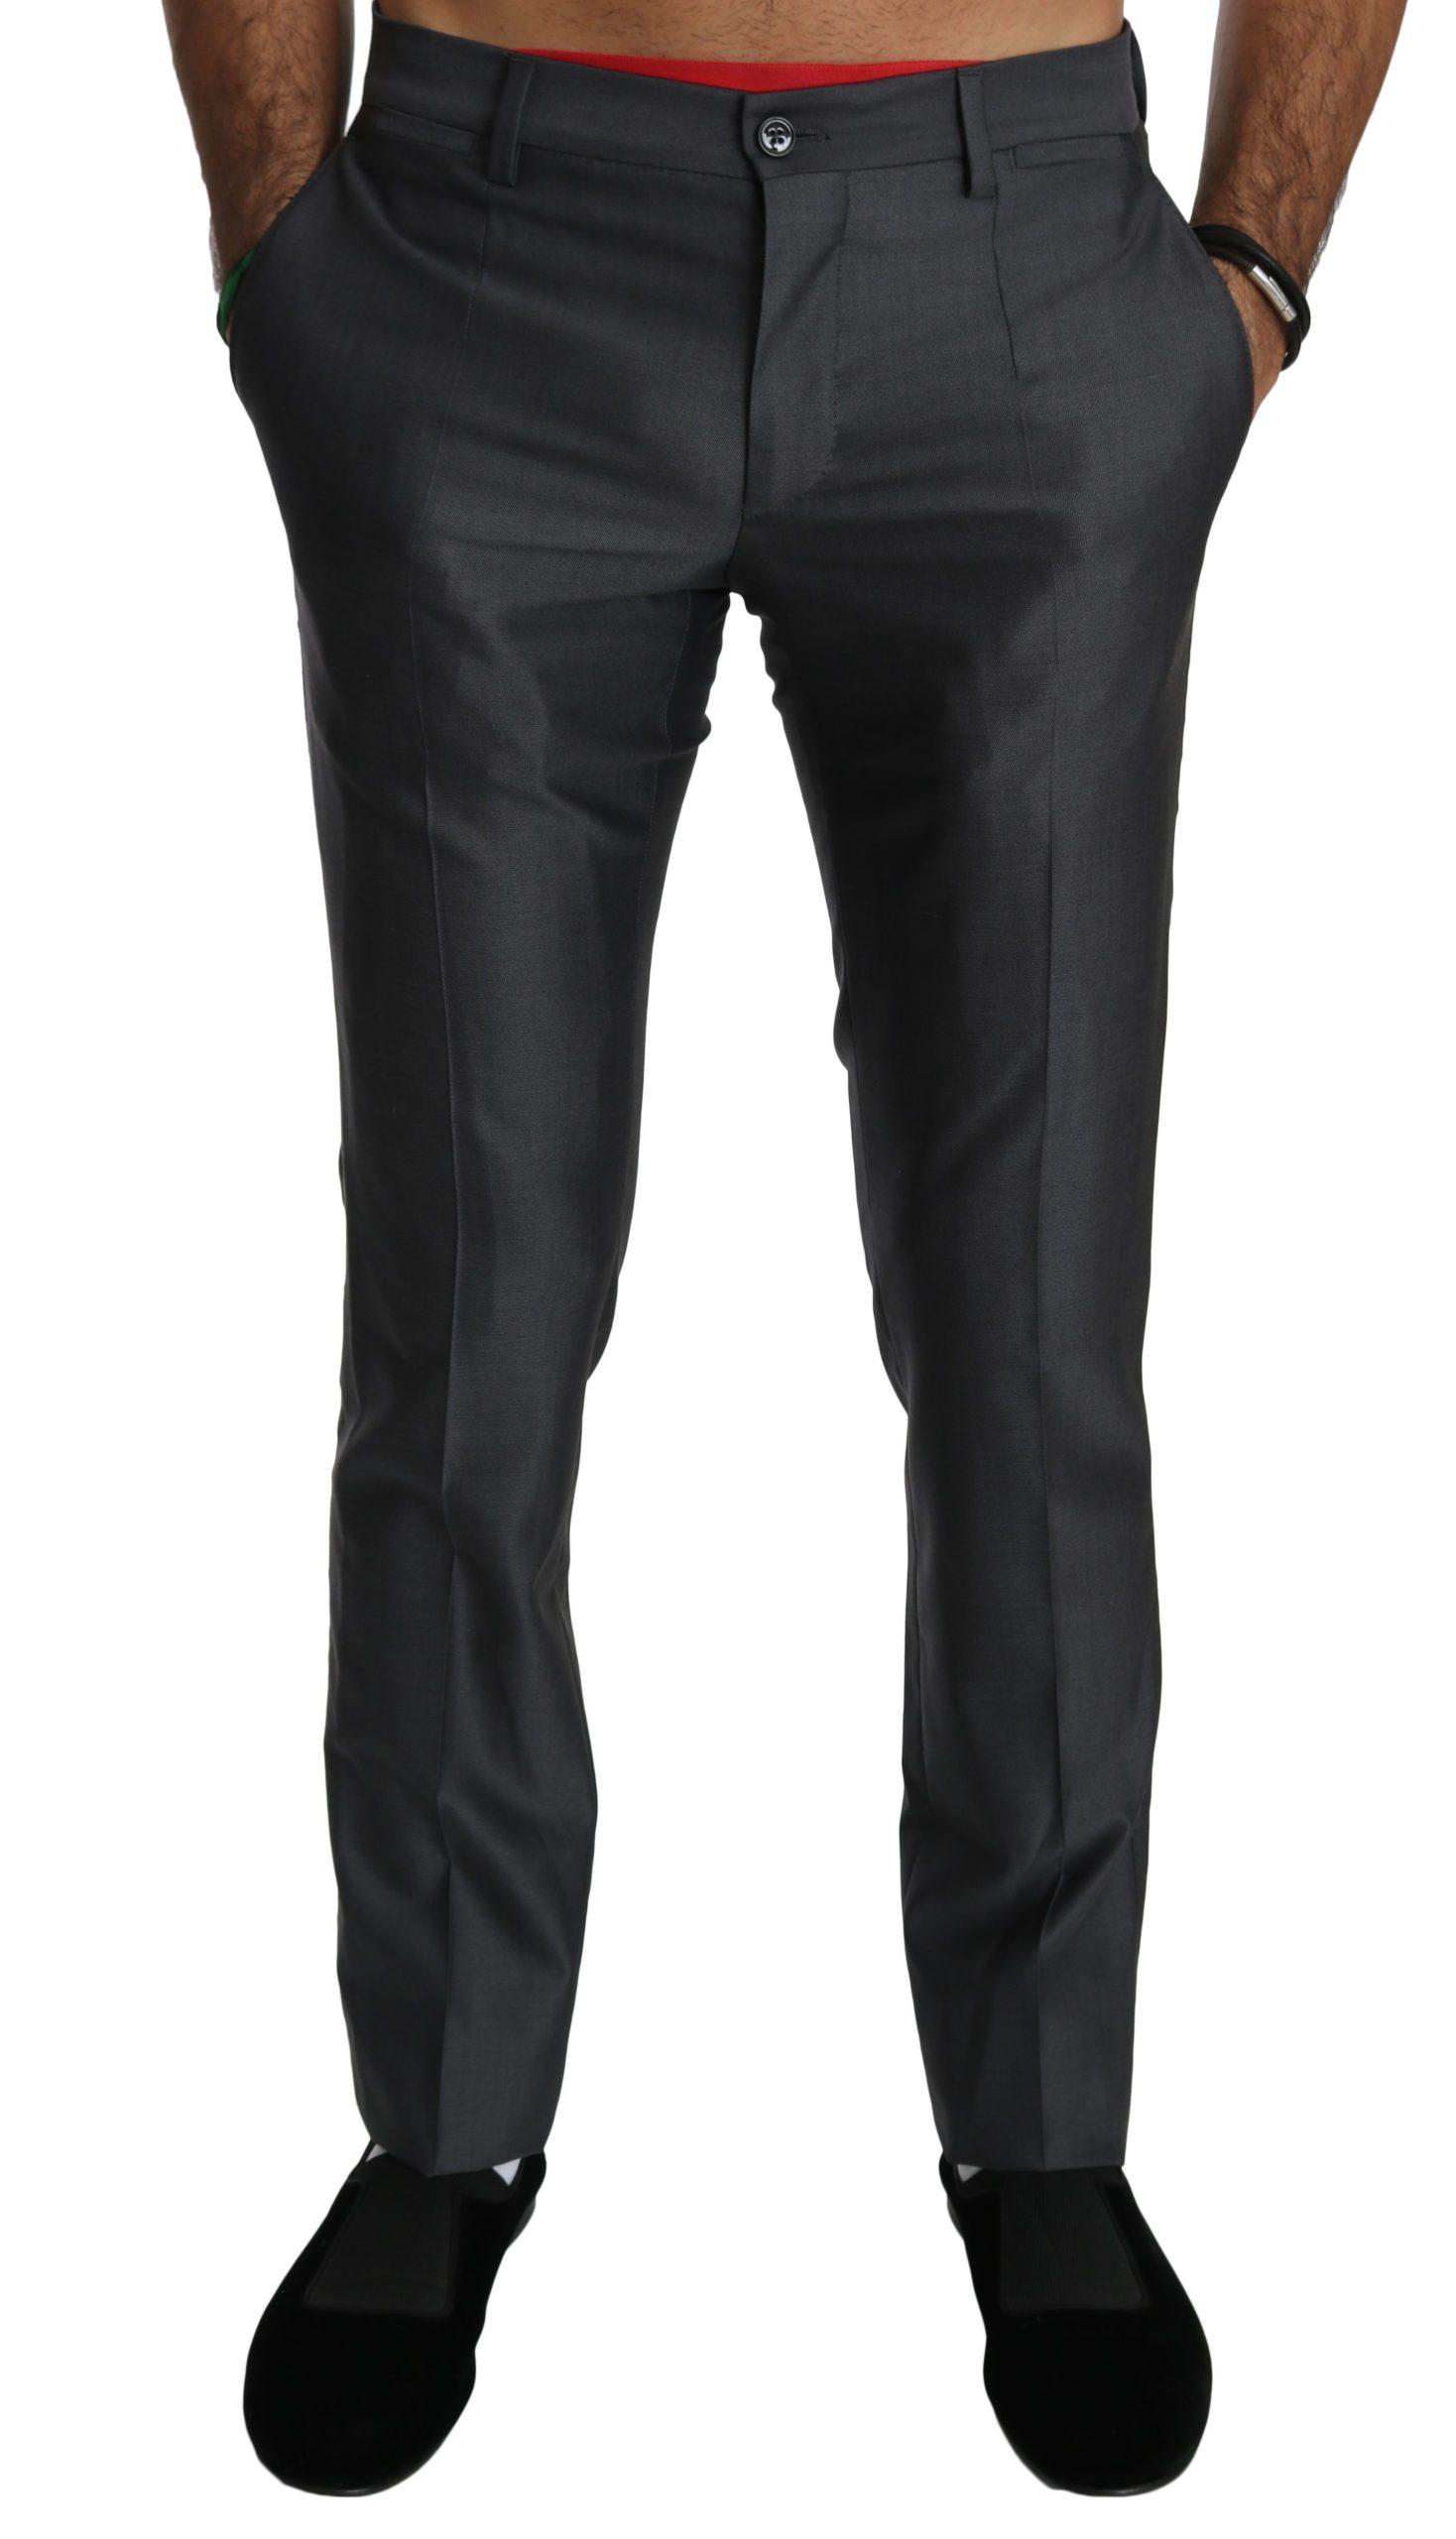 Dolce & Gabbana Men's Wool Dress Formal Trouser Gray PAN70773 - IT44   XS